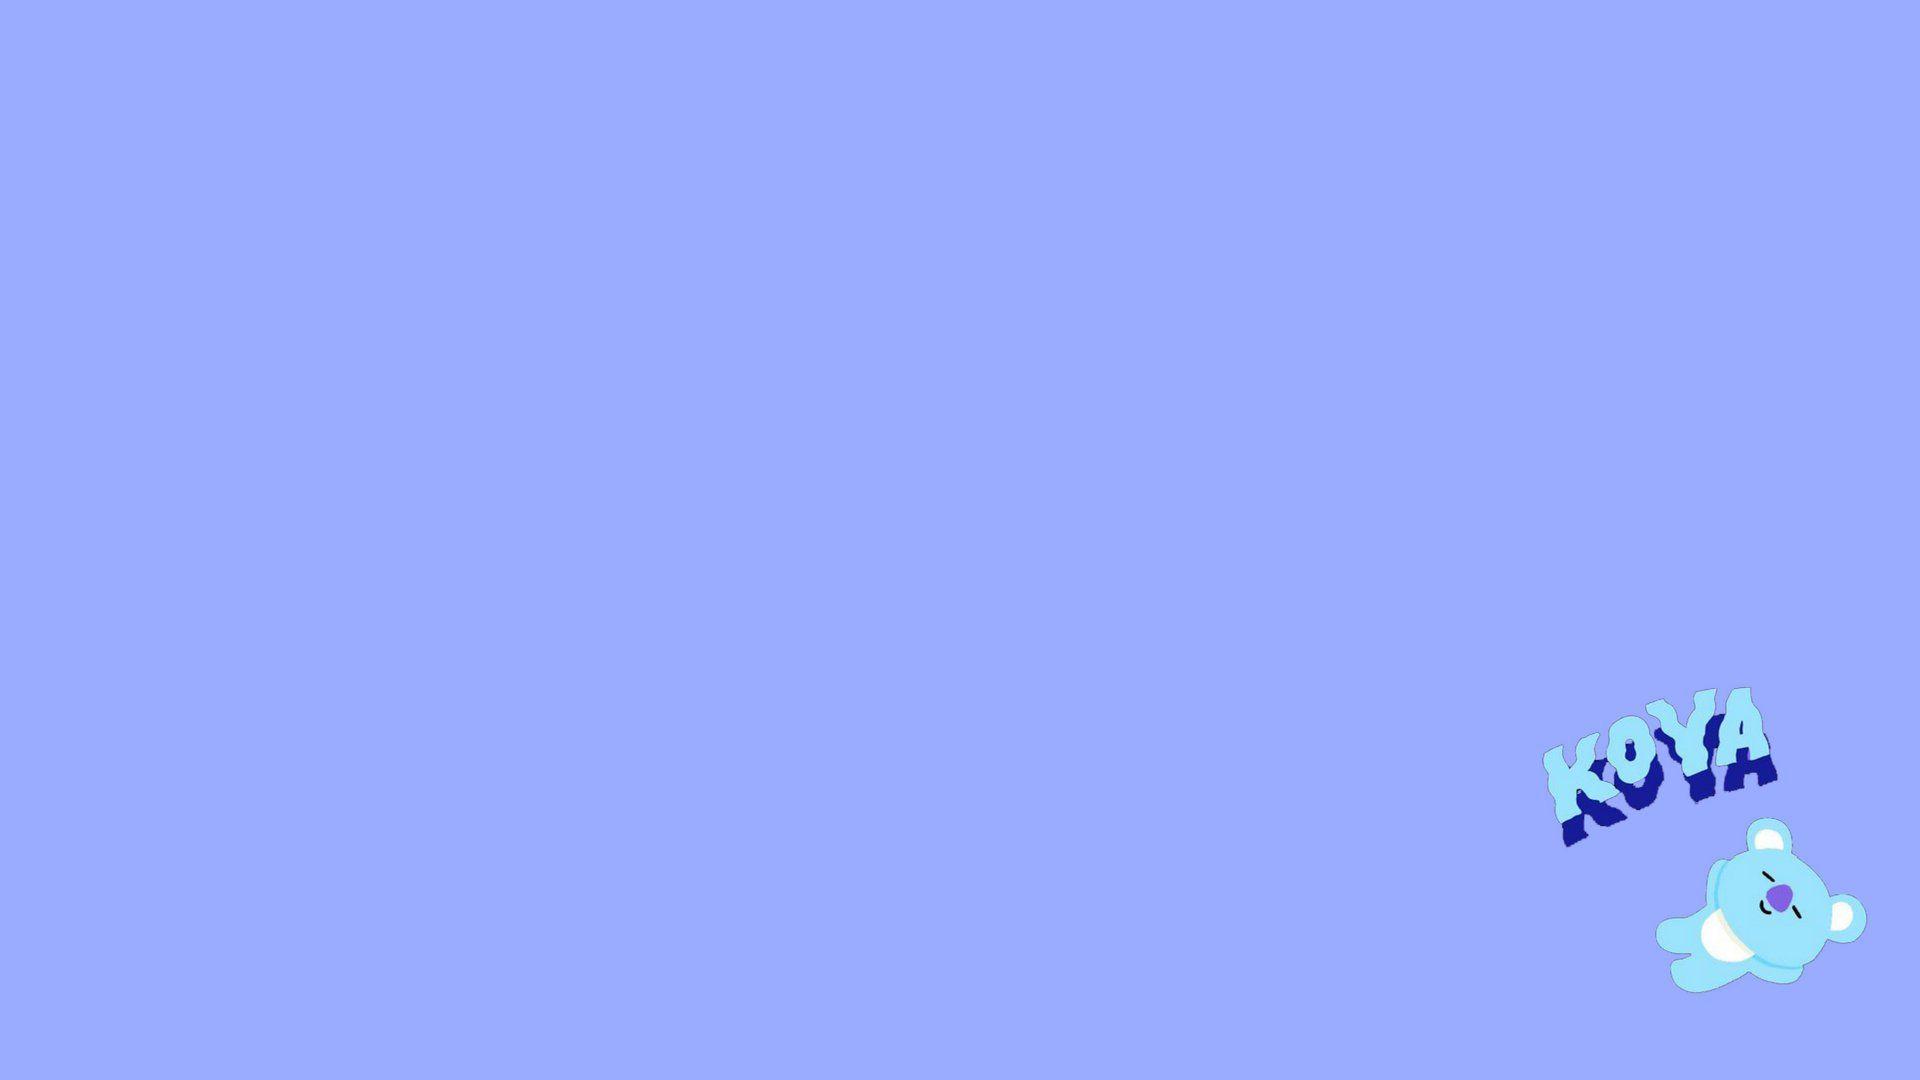 d5f053a57fd0c8cb5f02a065948dc6d5